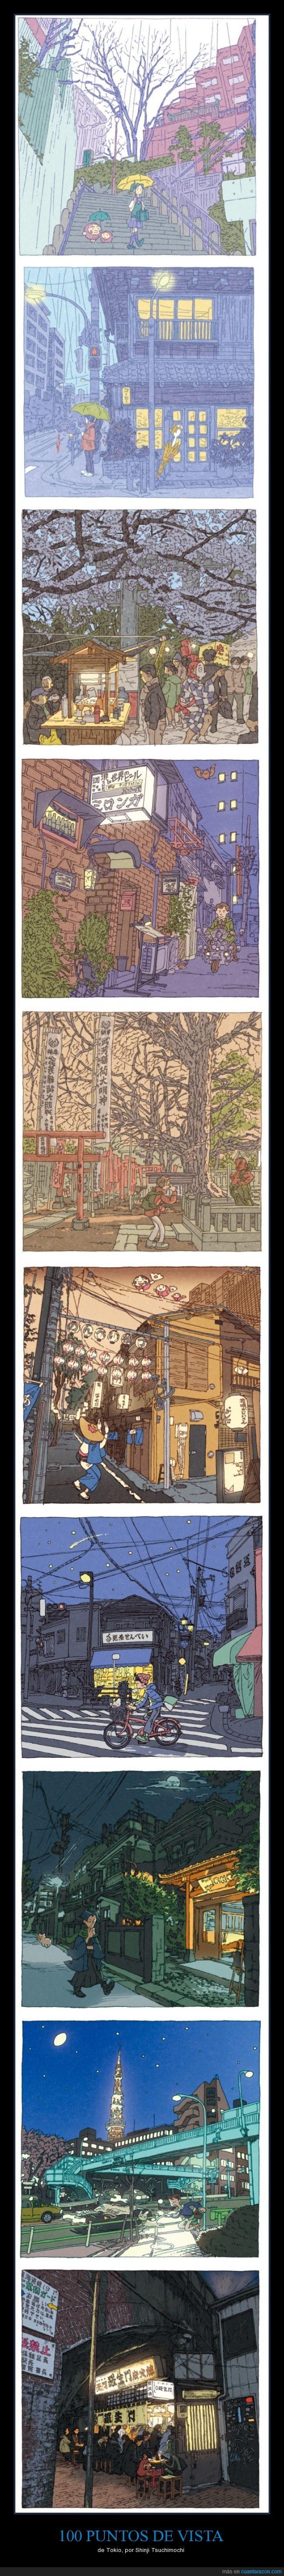 puntos de vista,Shinji Tsuchimochi,tokio